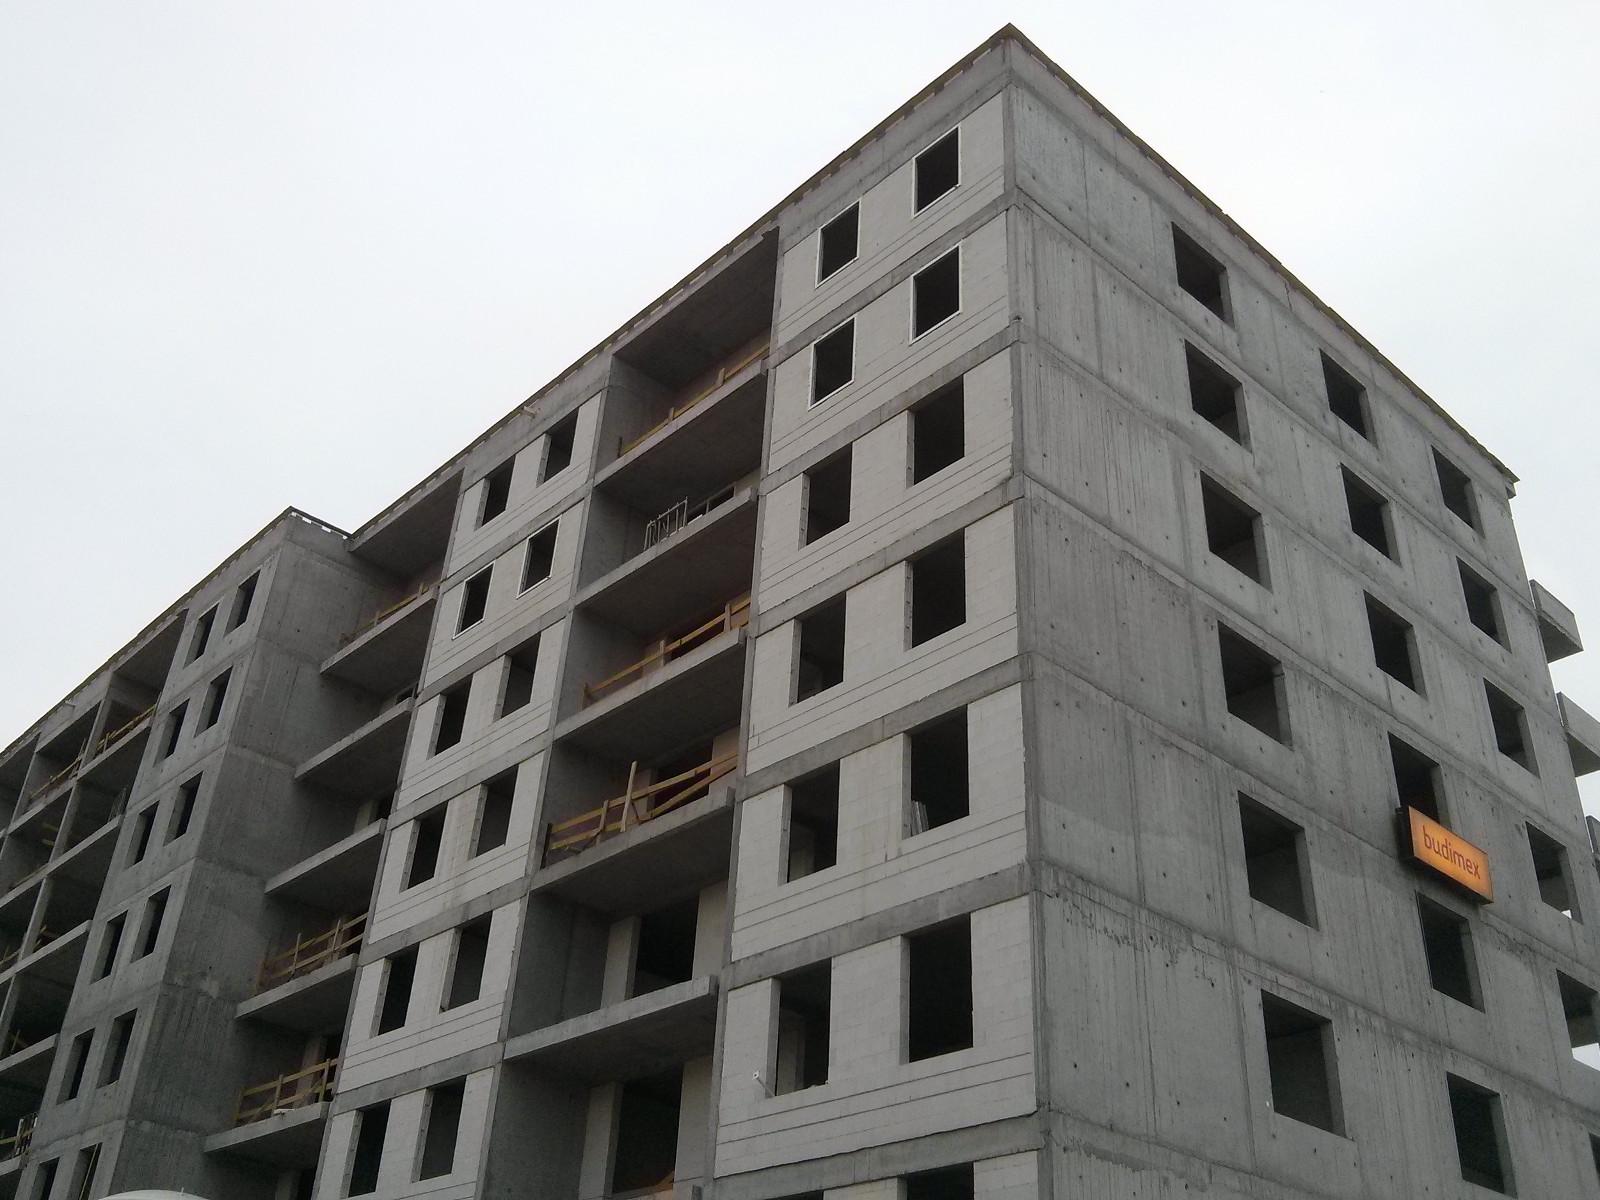 Wstawianie okien w budynku Orlińskiego 4 w nowych Czyżynach